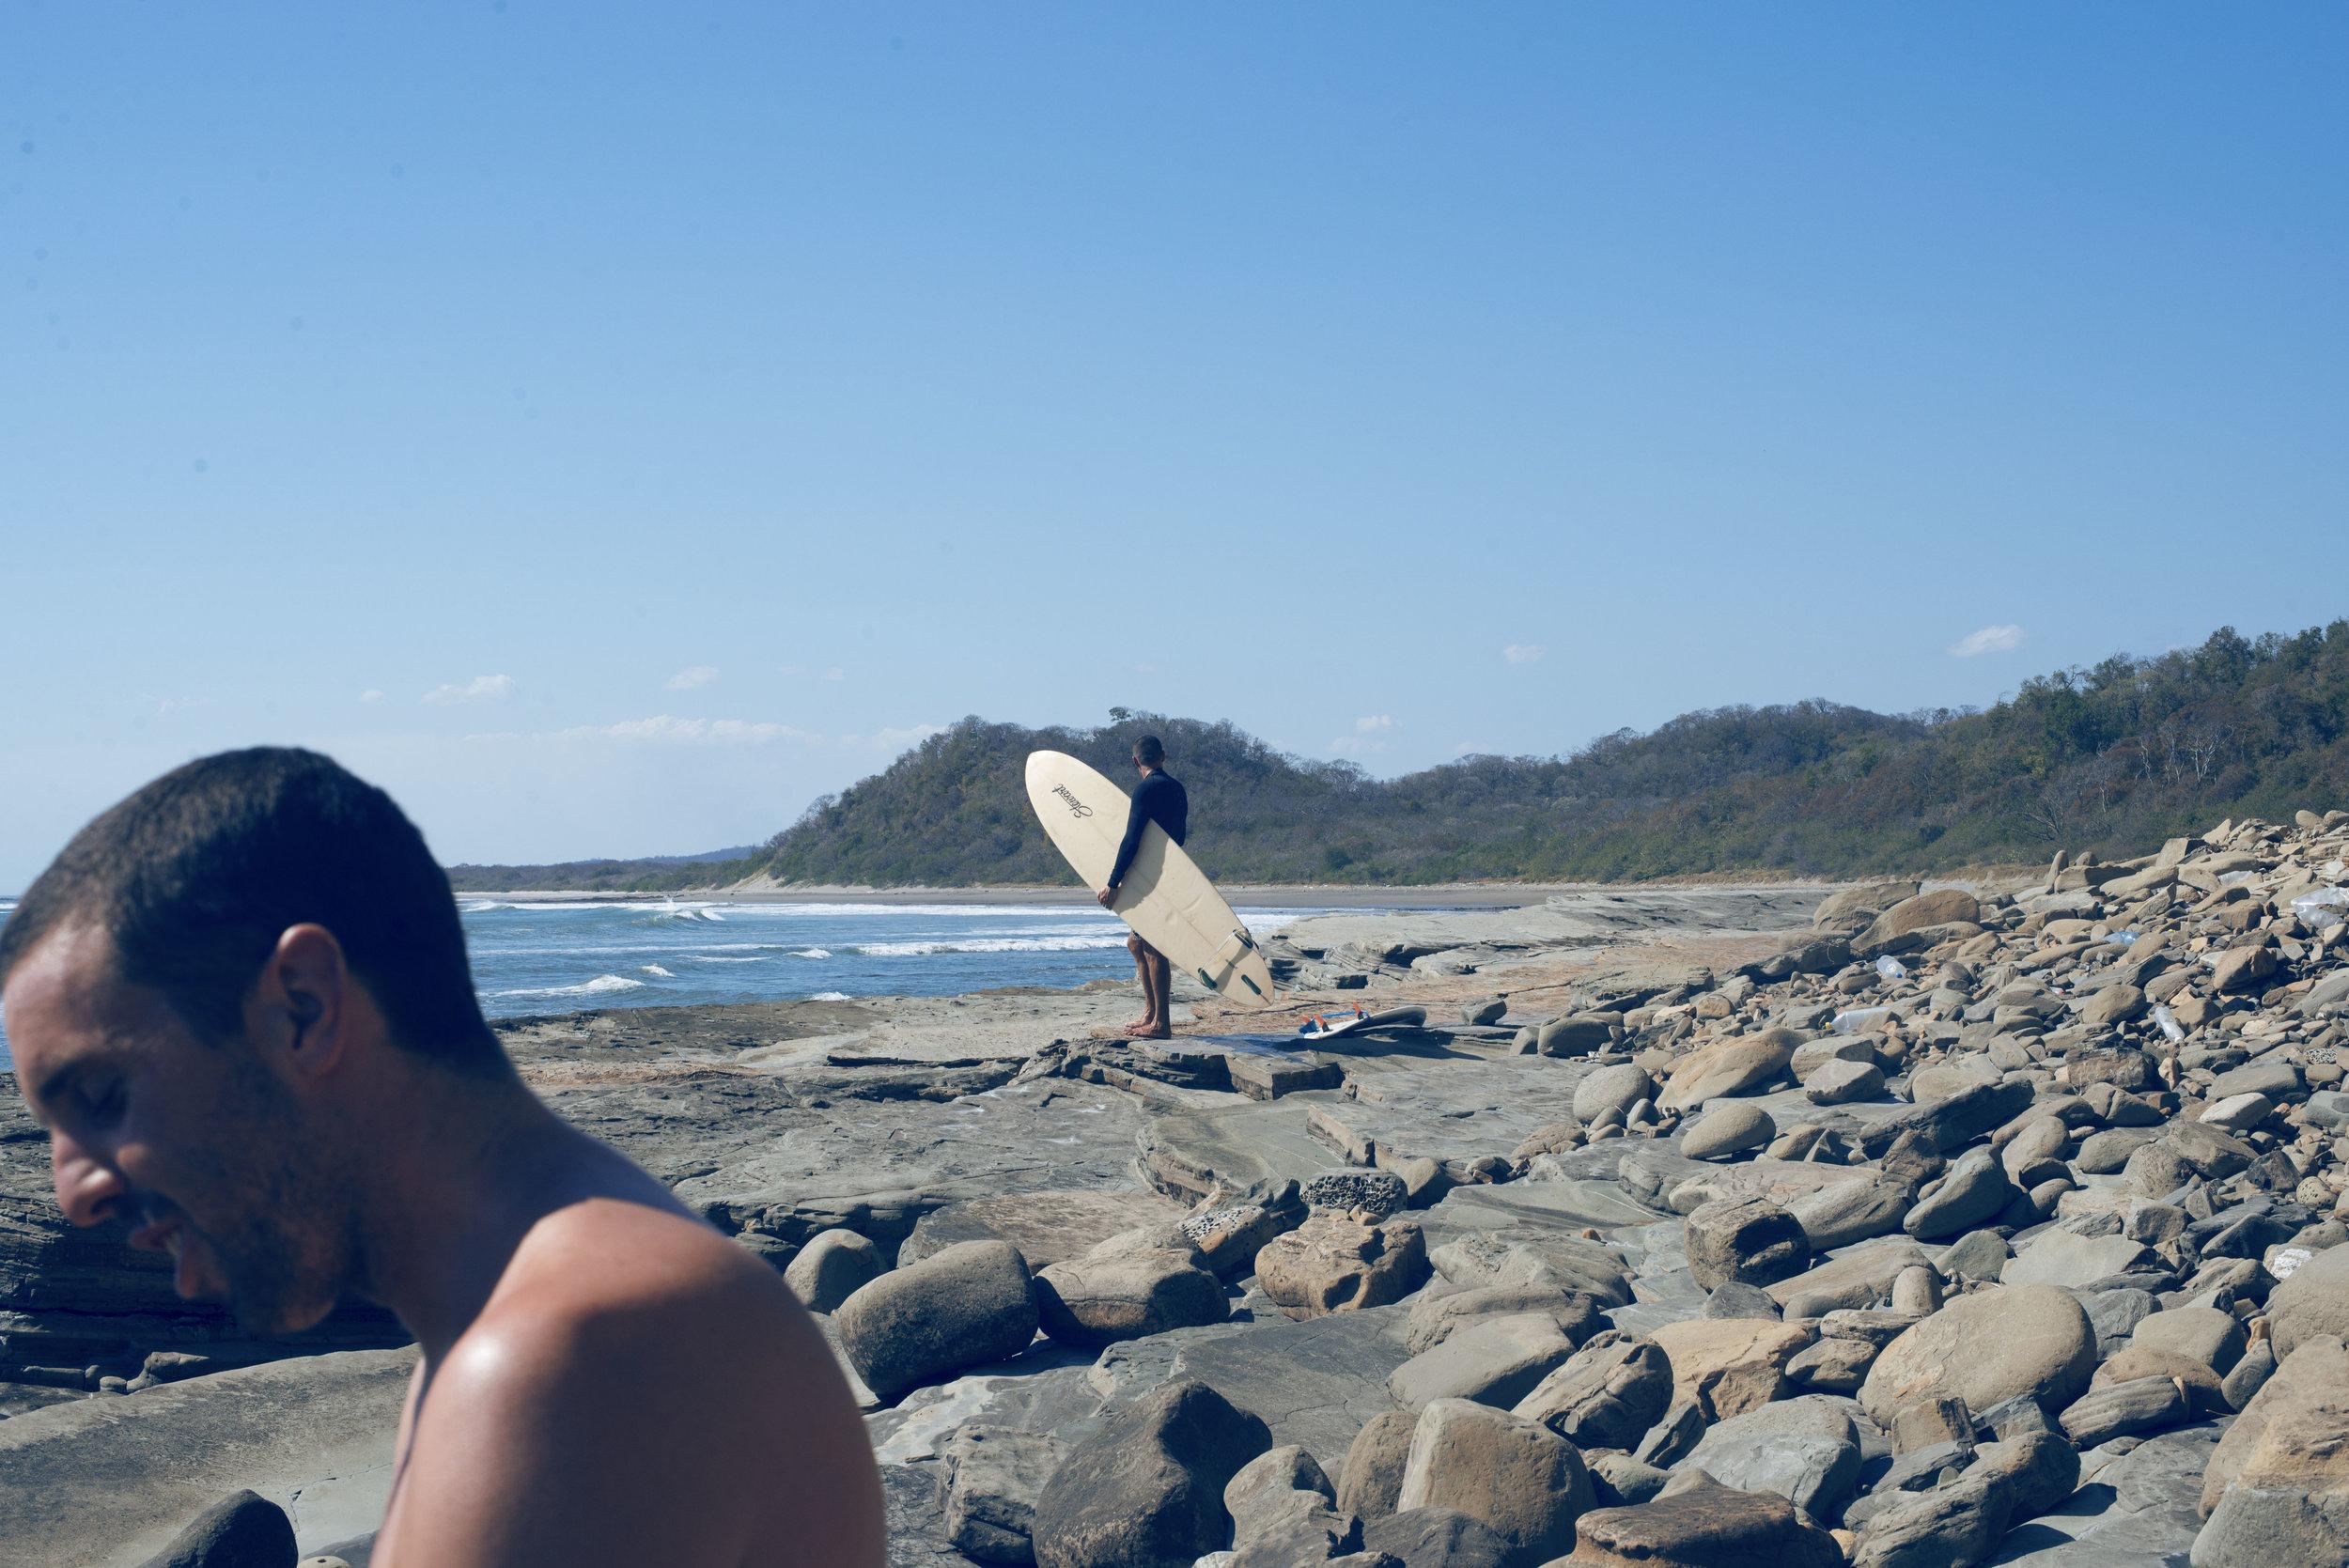 popoyo surf 6 salt water